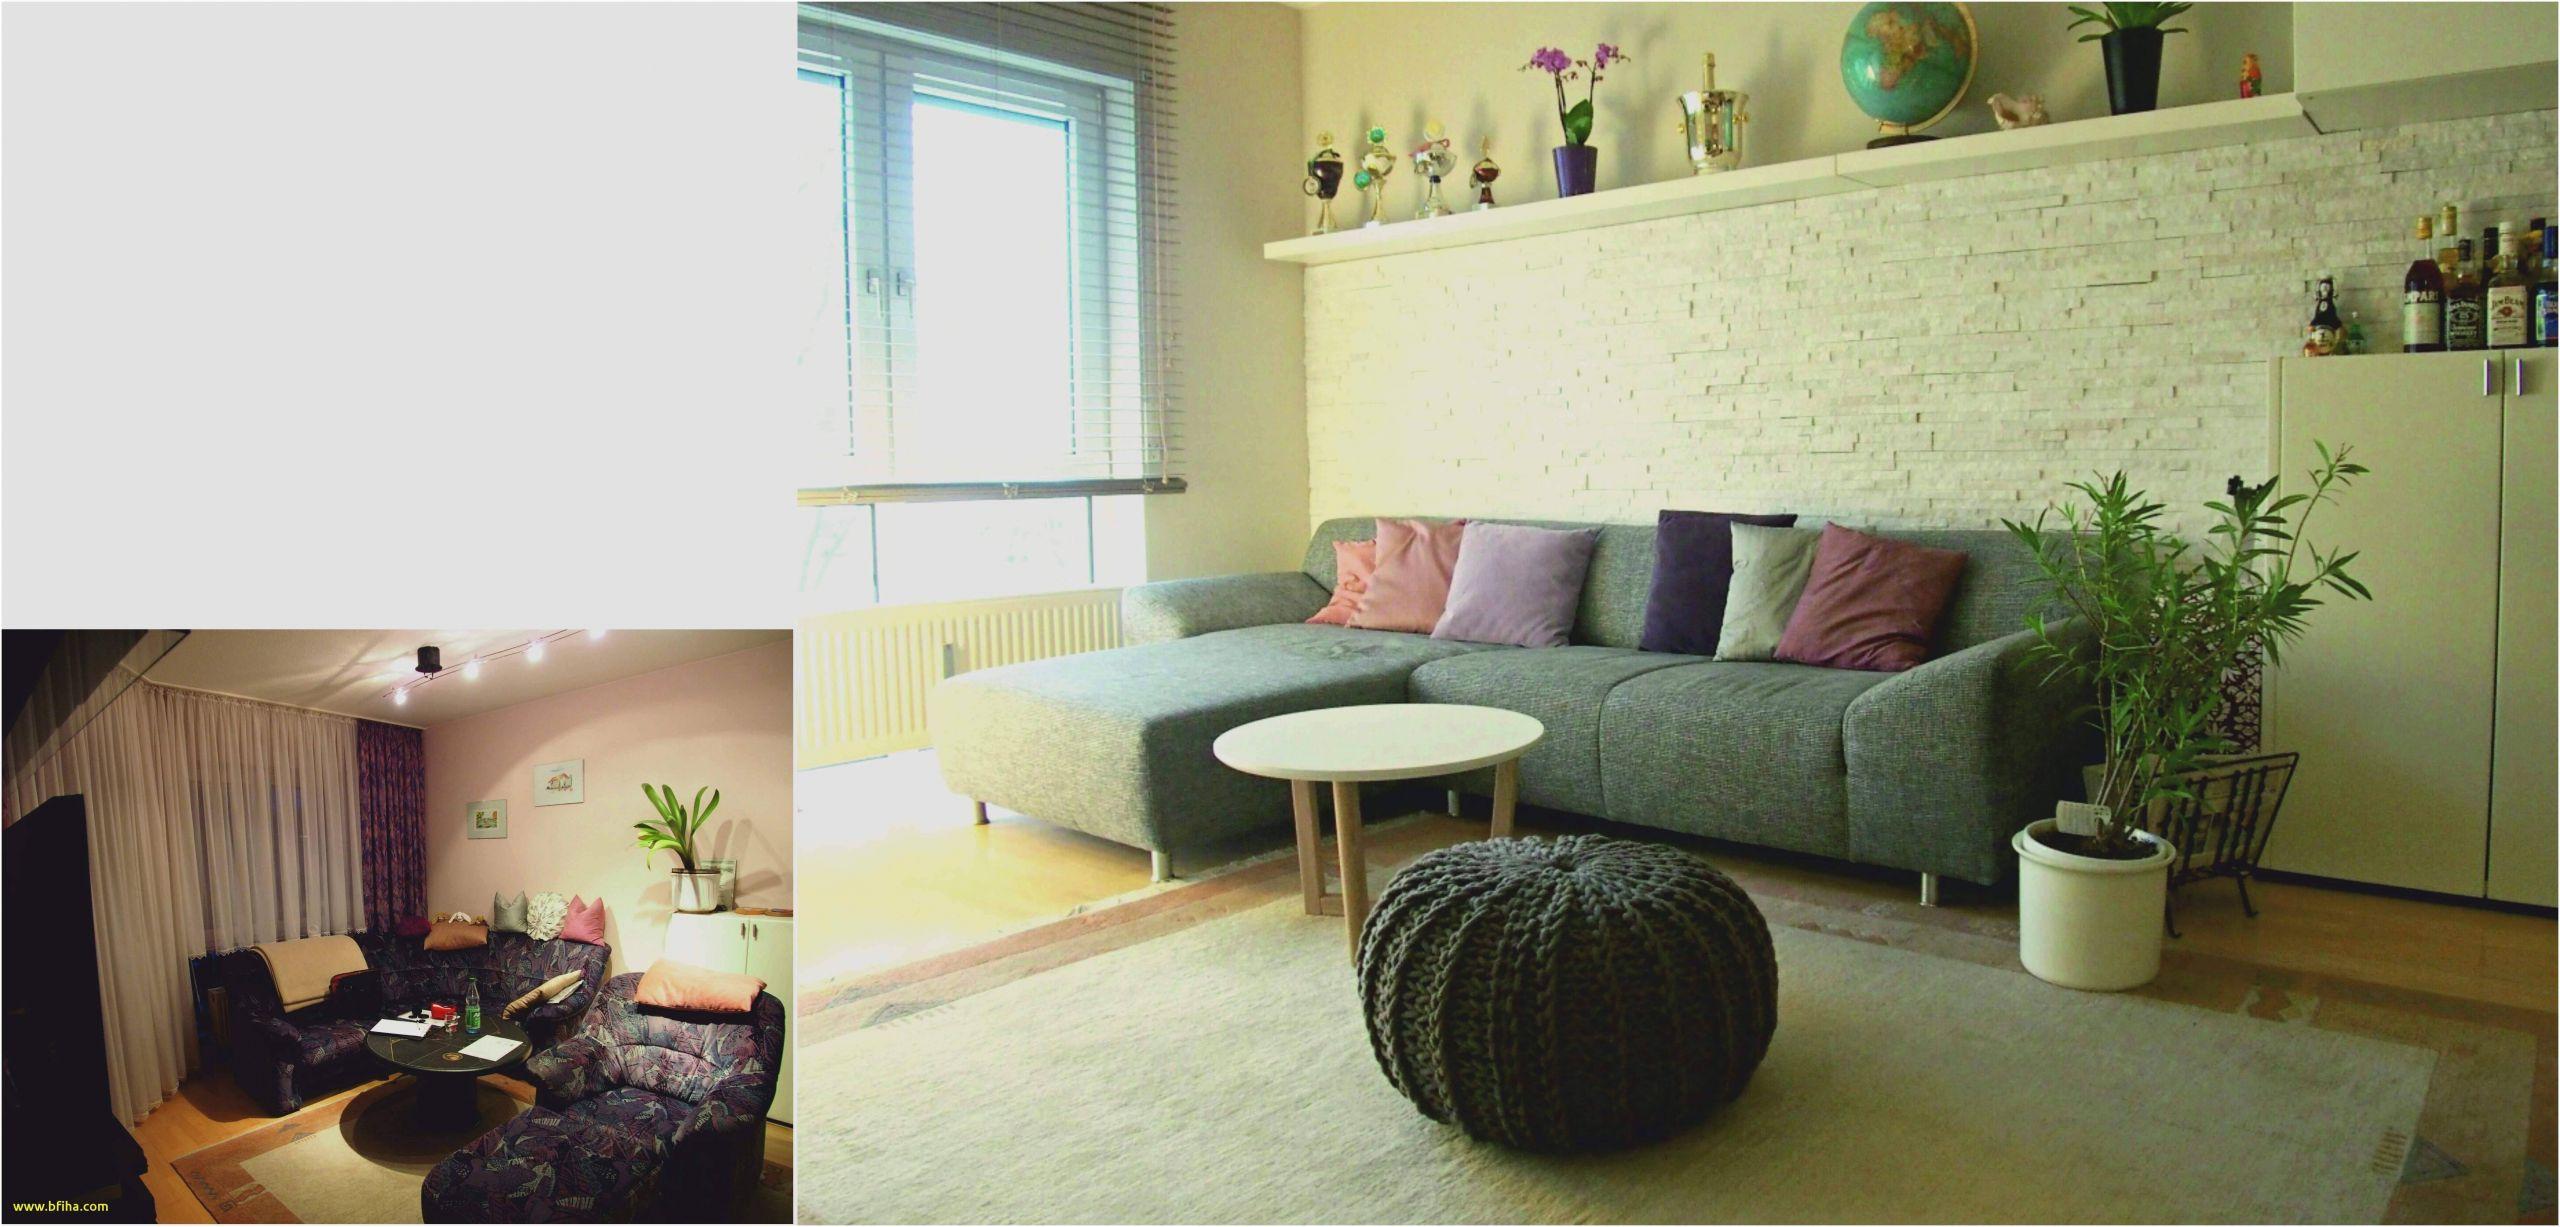 wohnzimmer gestalten tipps elegant fresh einrichtung wohnzimmer ideen concept of wohnzimmer gestalten tipps